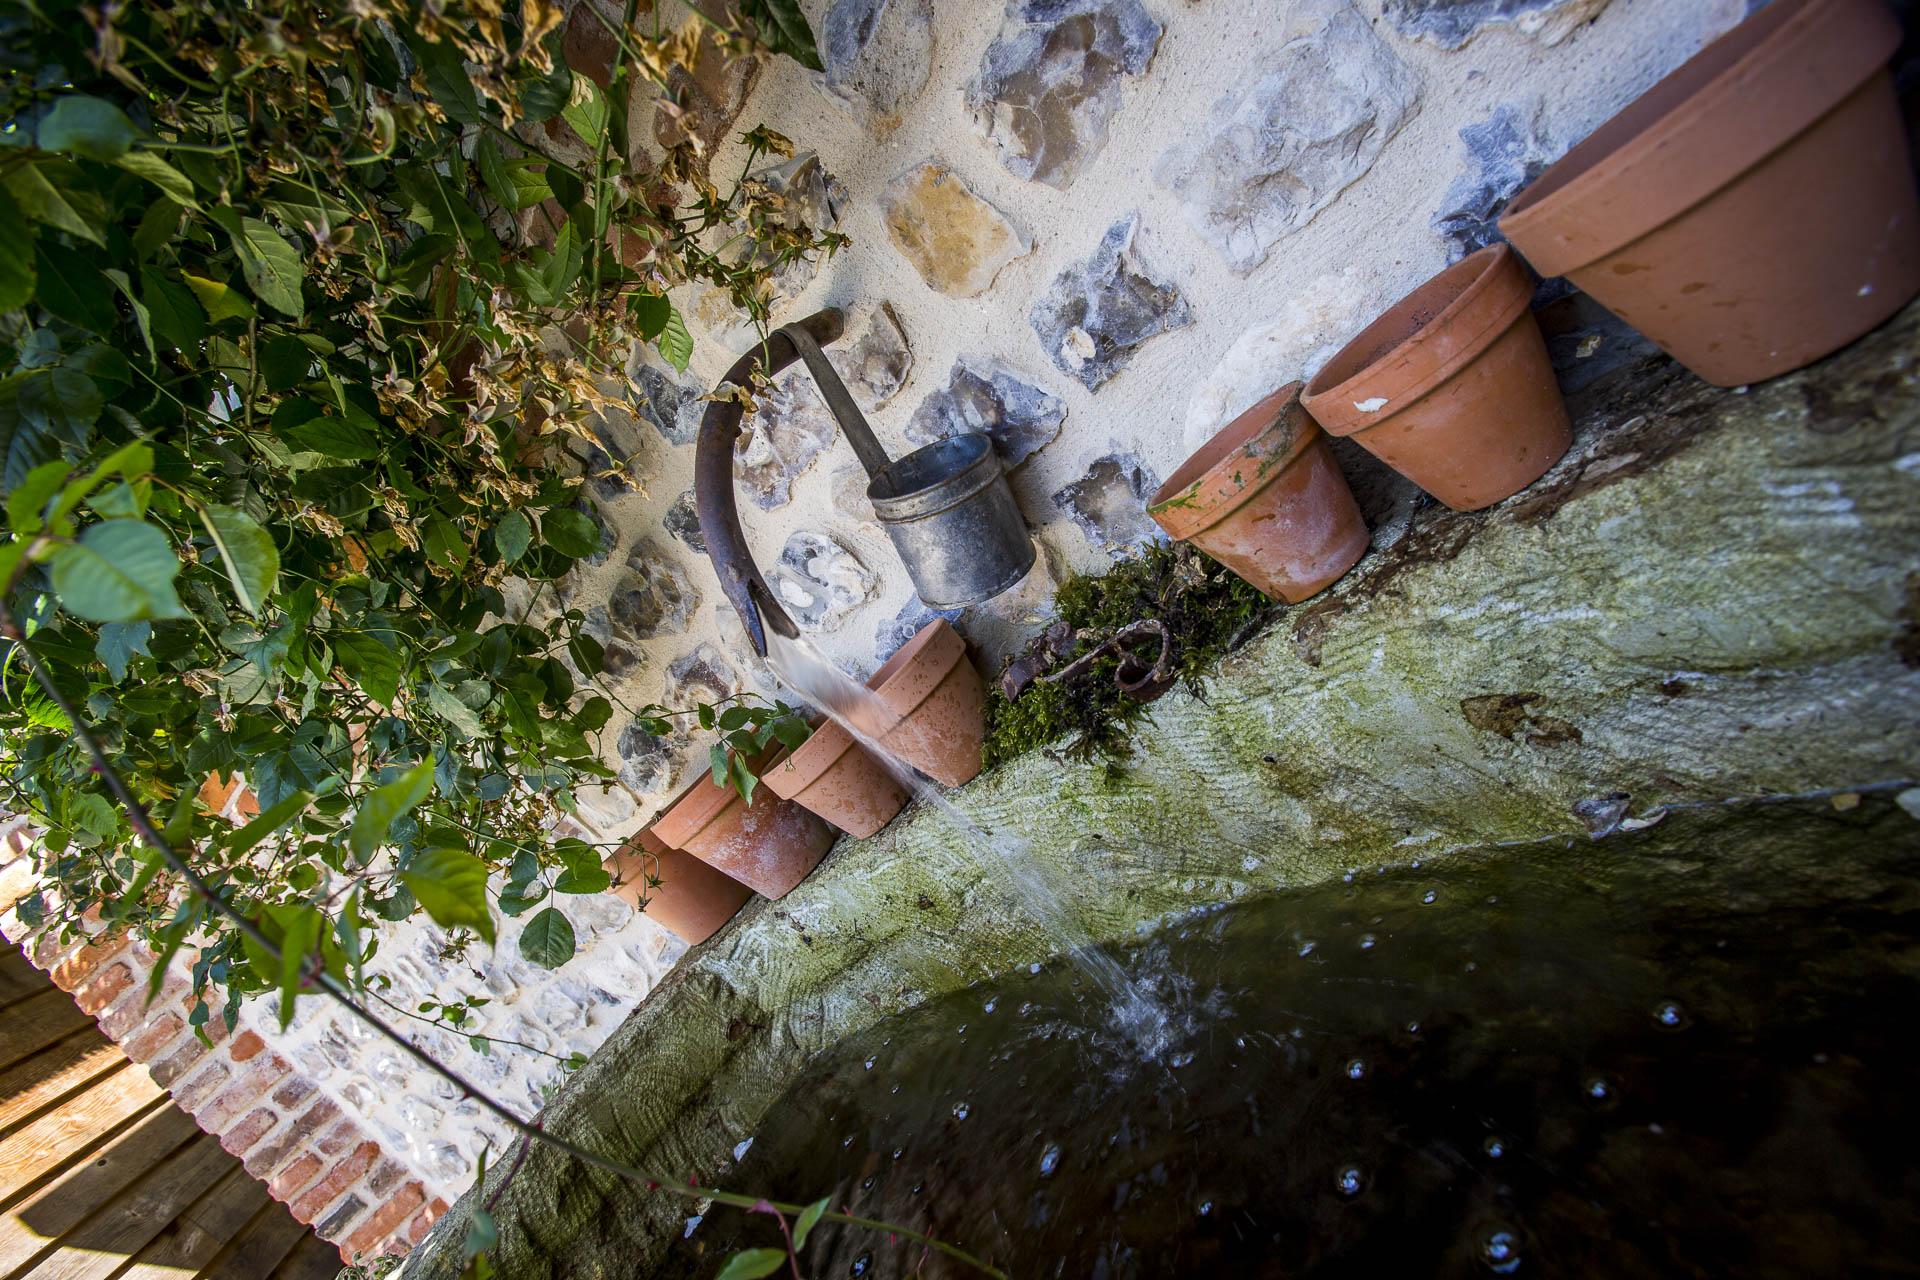 domaine_dablon_fontaines©stephaneleroy-E61R2922-2.jpg